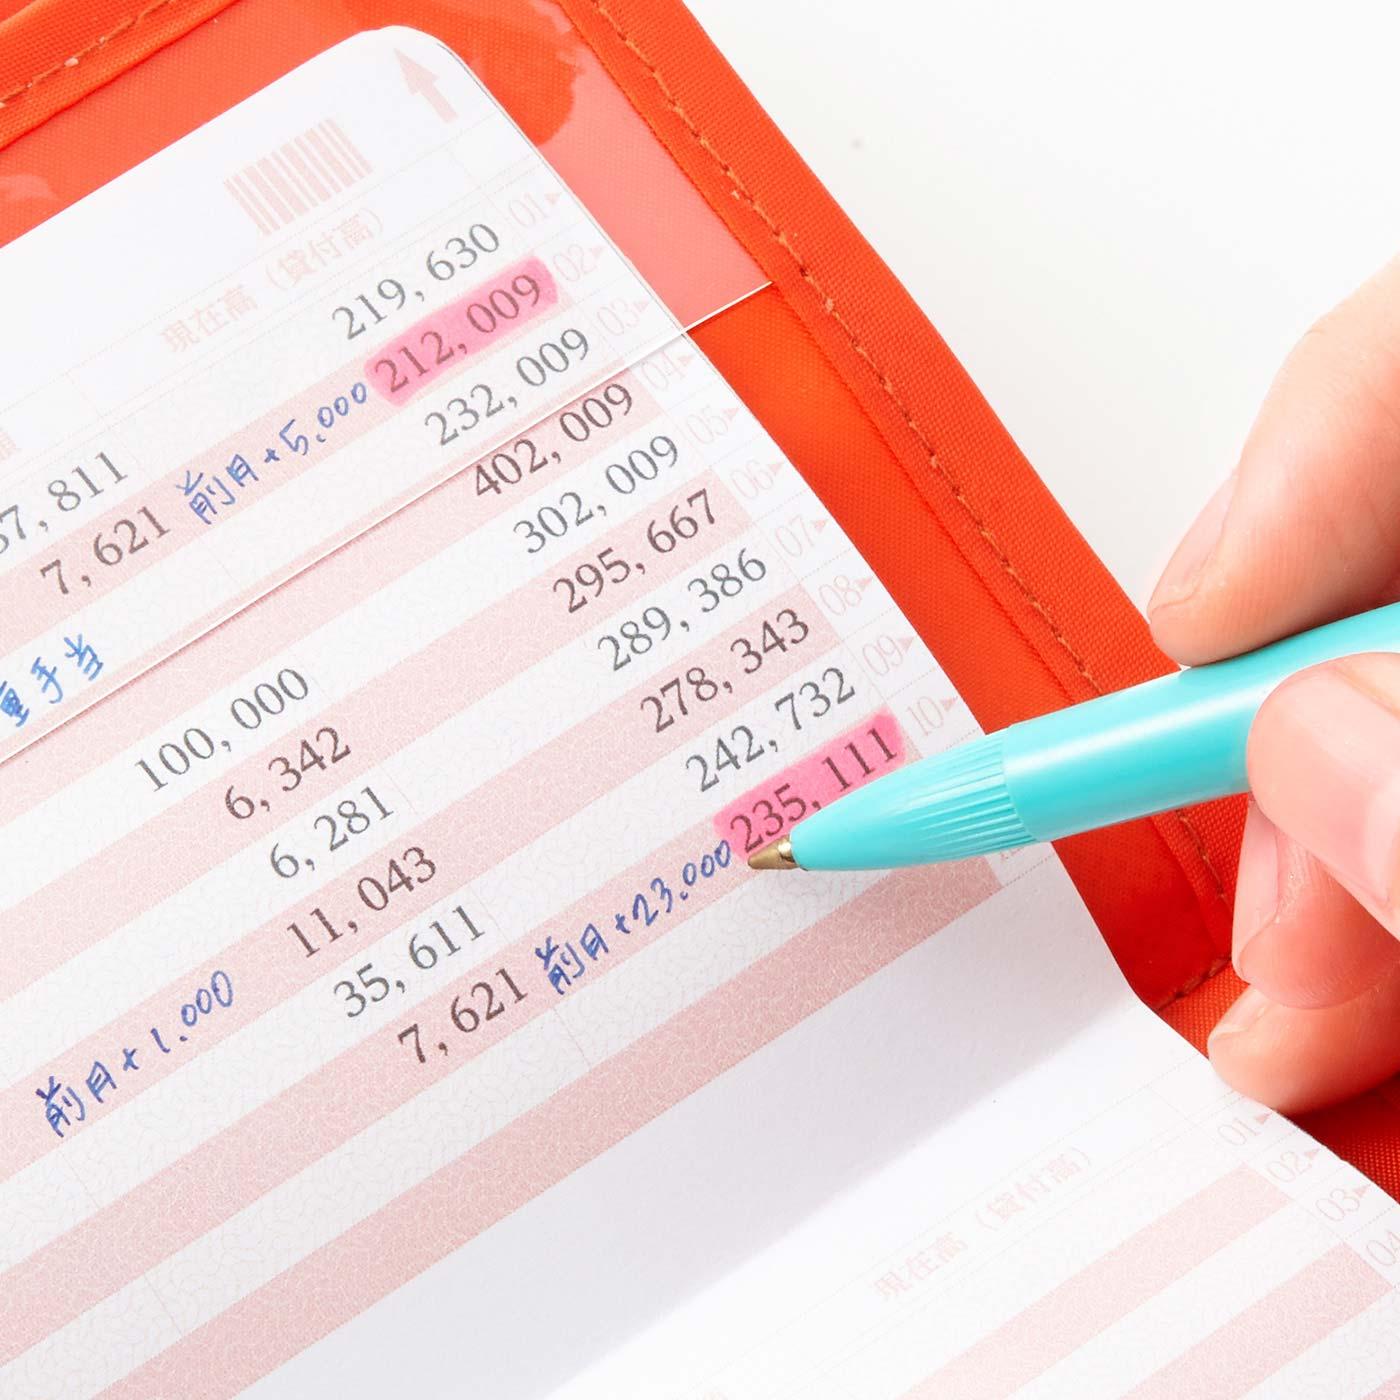 通帳記帳後に前月との差額や項目を書き込んで収支の全体像を把握。 ※通帳への書き込みは、記入の場所により機械で読み取れなくなる場合があります。ご注意ください。